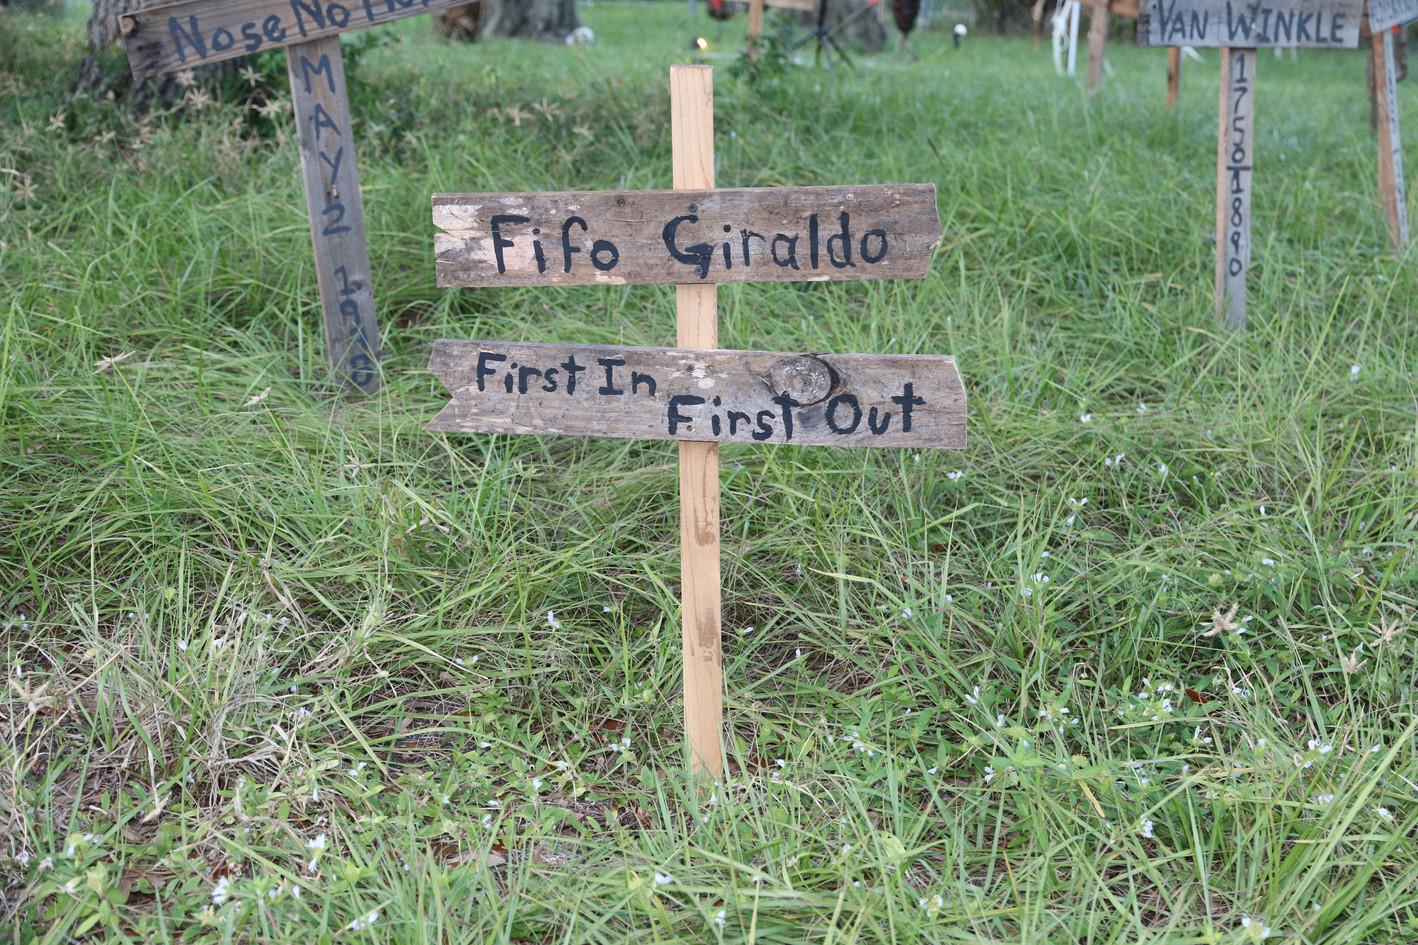 Fifo Giraldo, named for the family dog